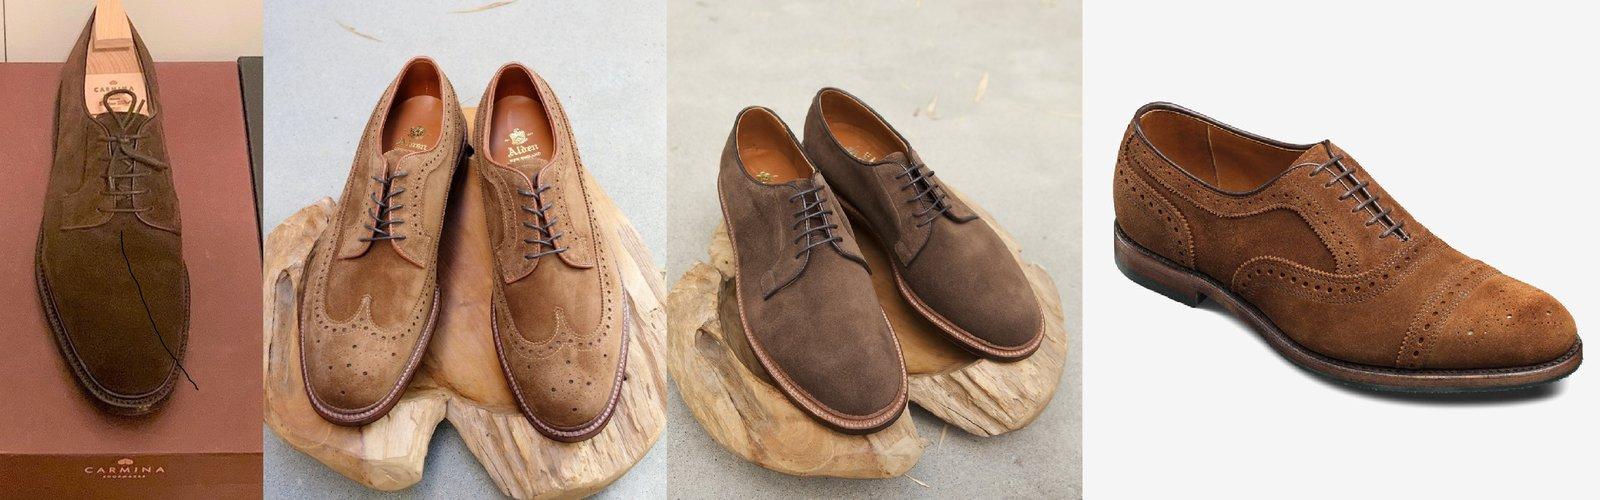 Brown Suede Shoes.jpg